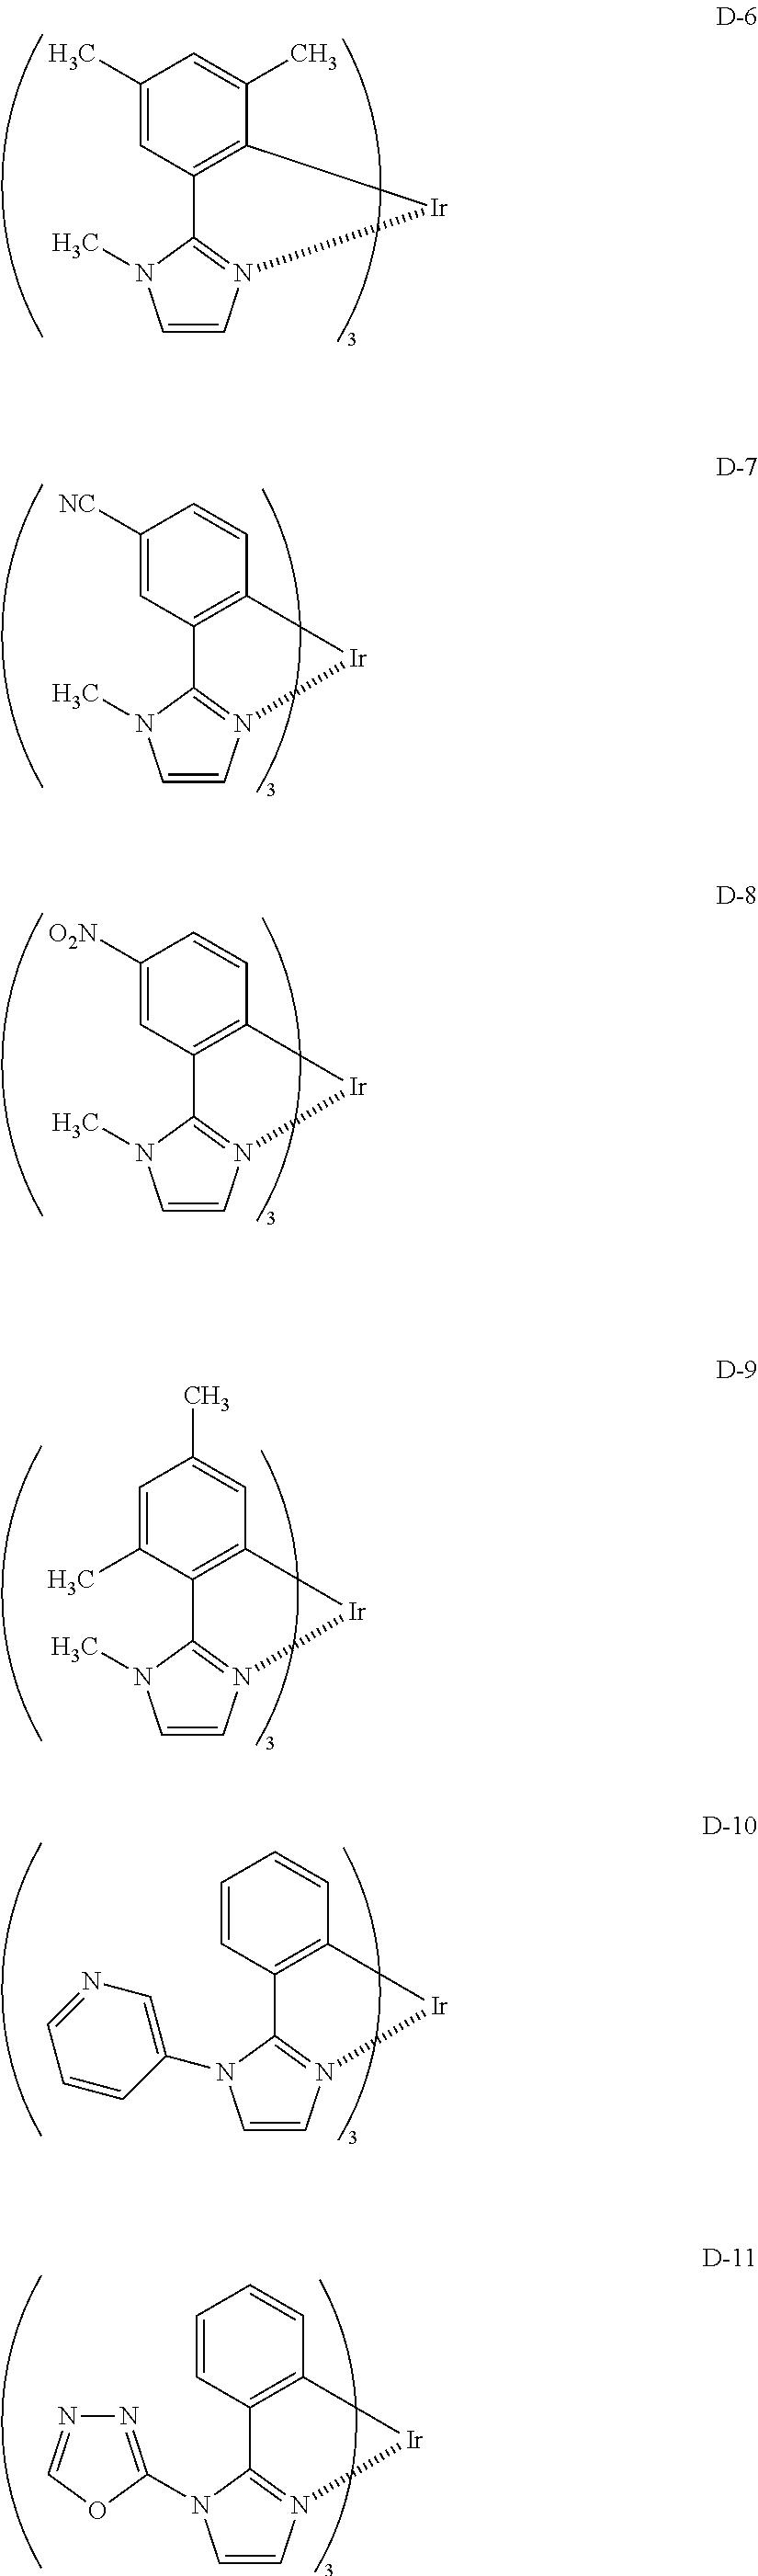 Figure US09935269-20180403-C00066